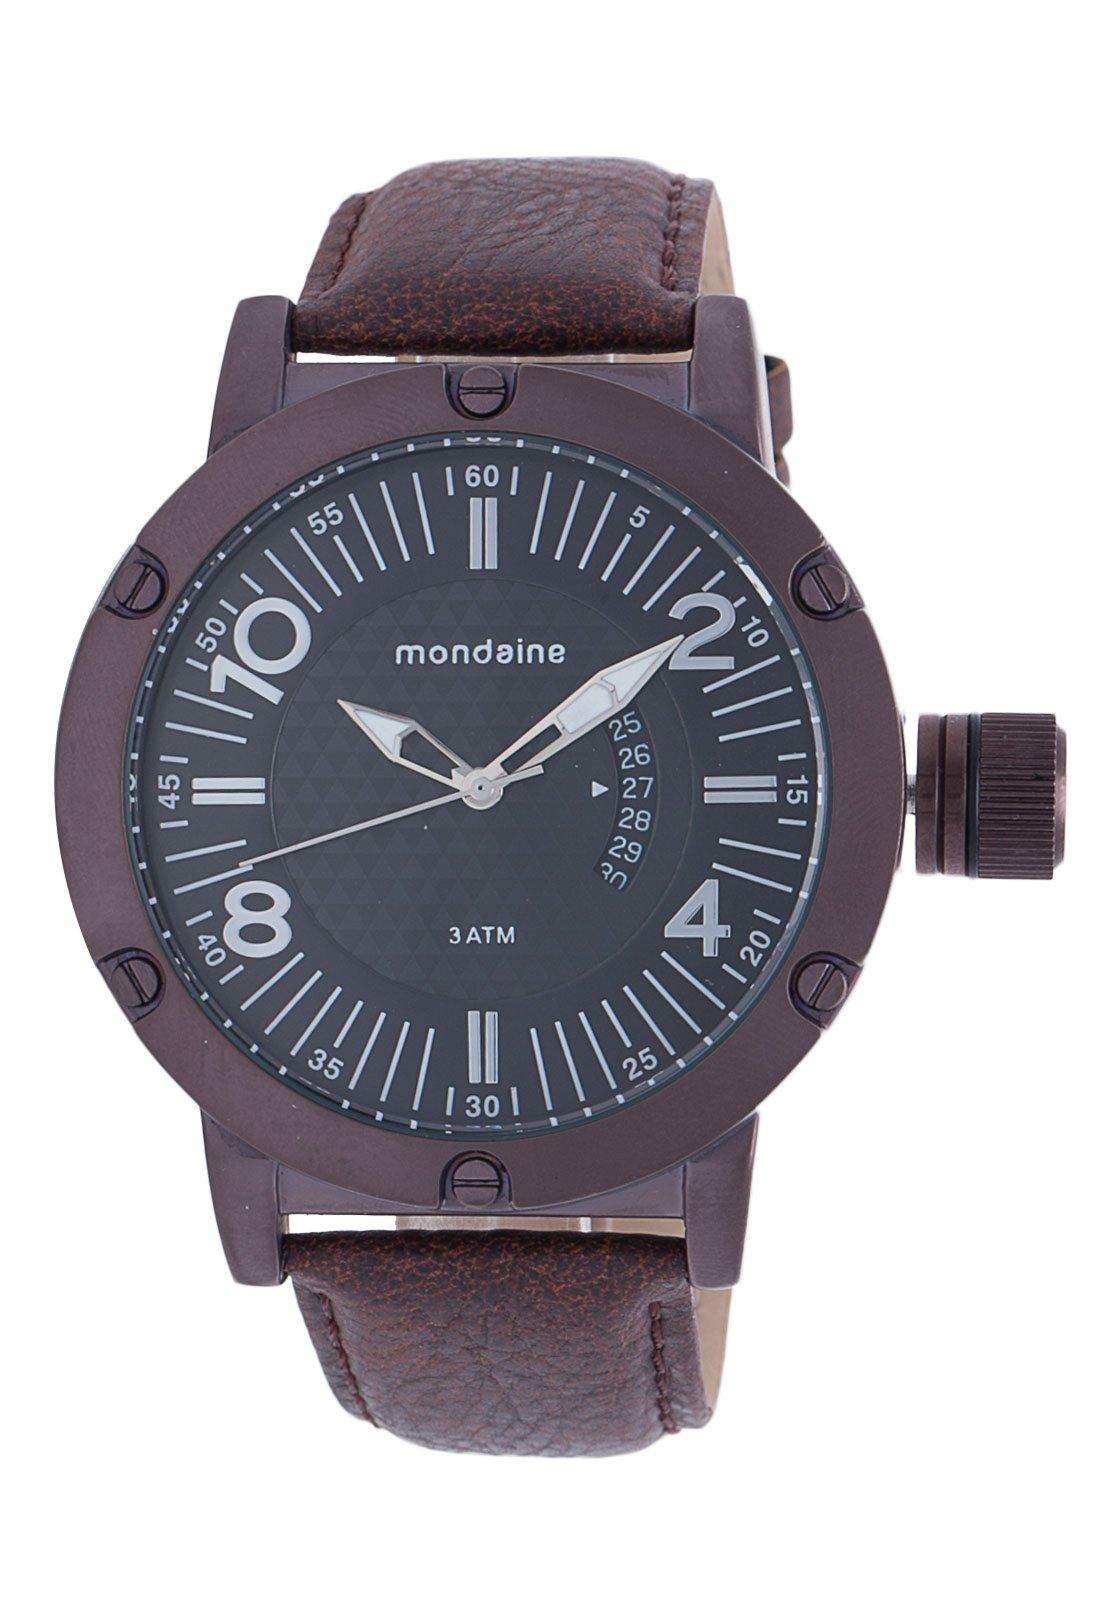 75077d51e75b4 Tio Ricardo) Relógio Masculino Mondaine - Caixa de 5,9 cm - R  88,10 ...